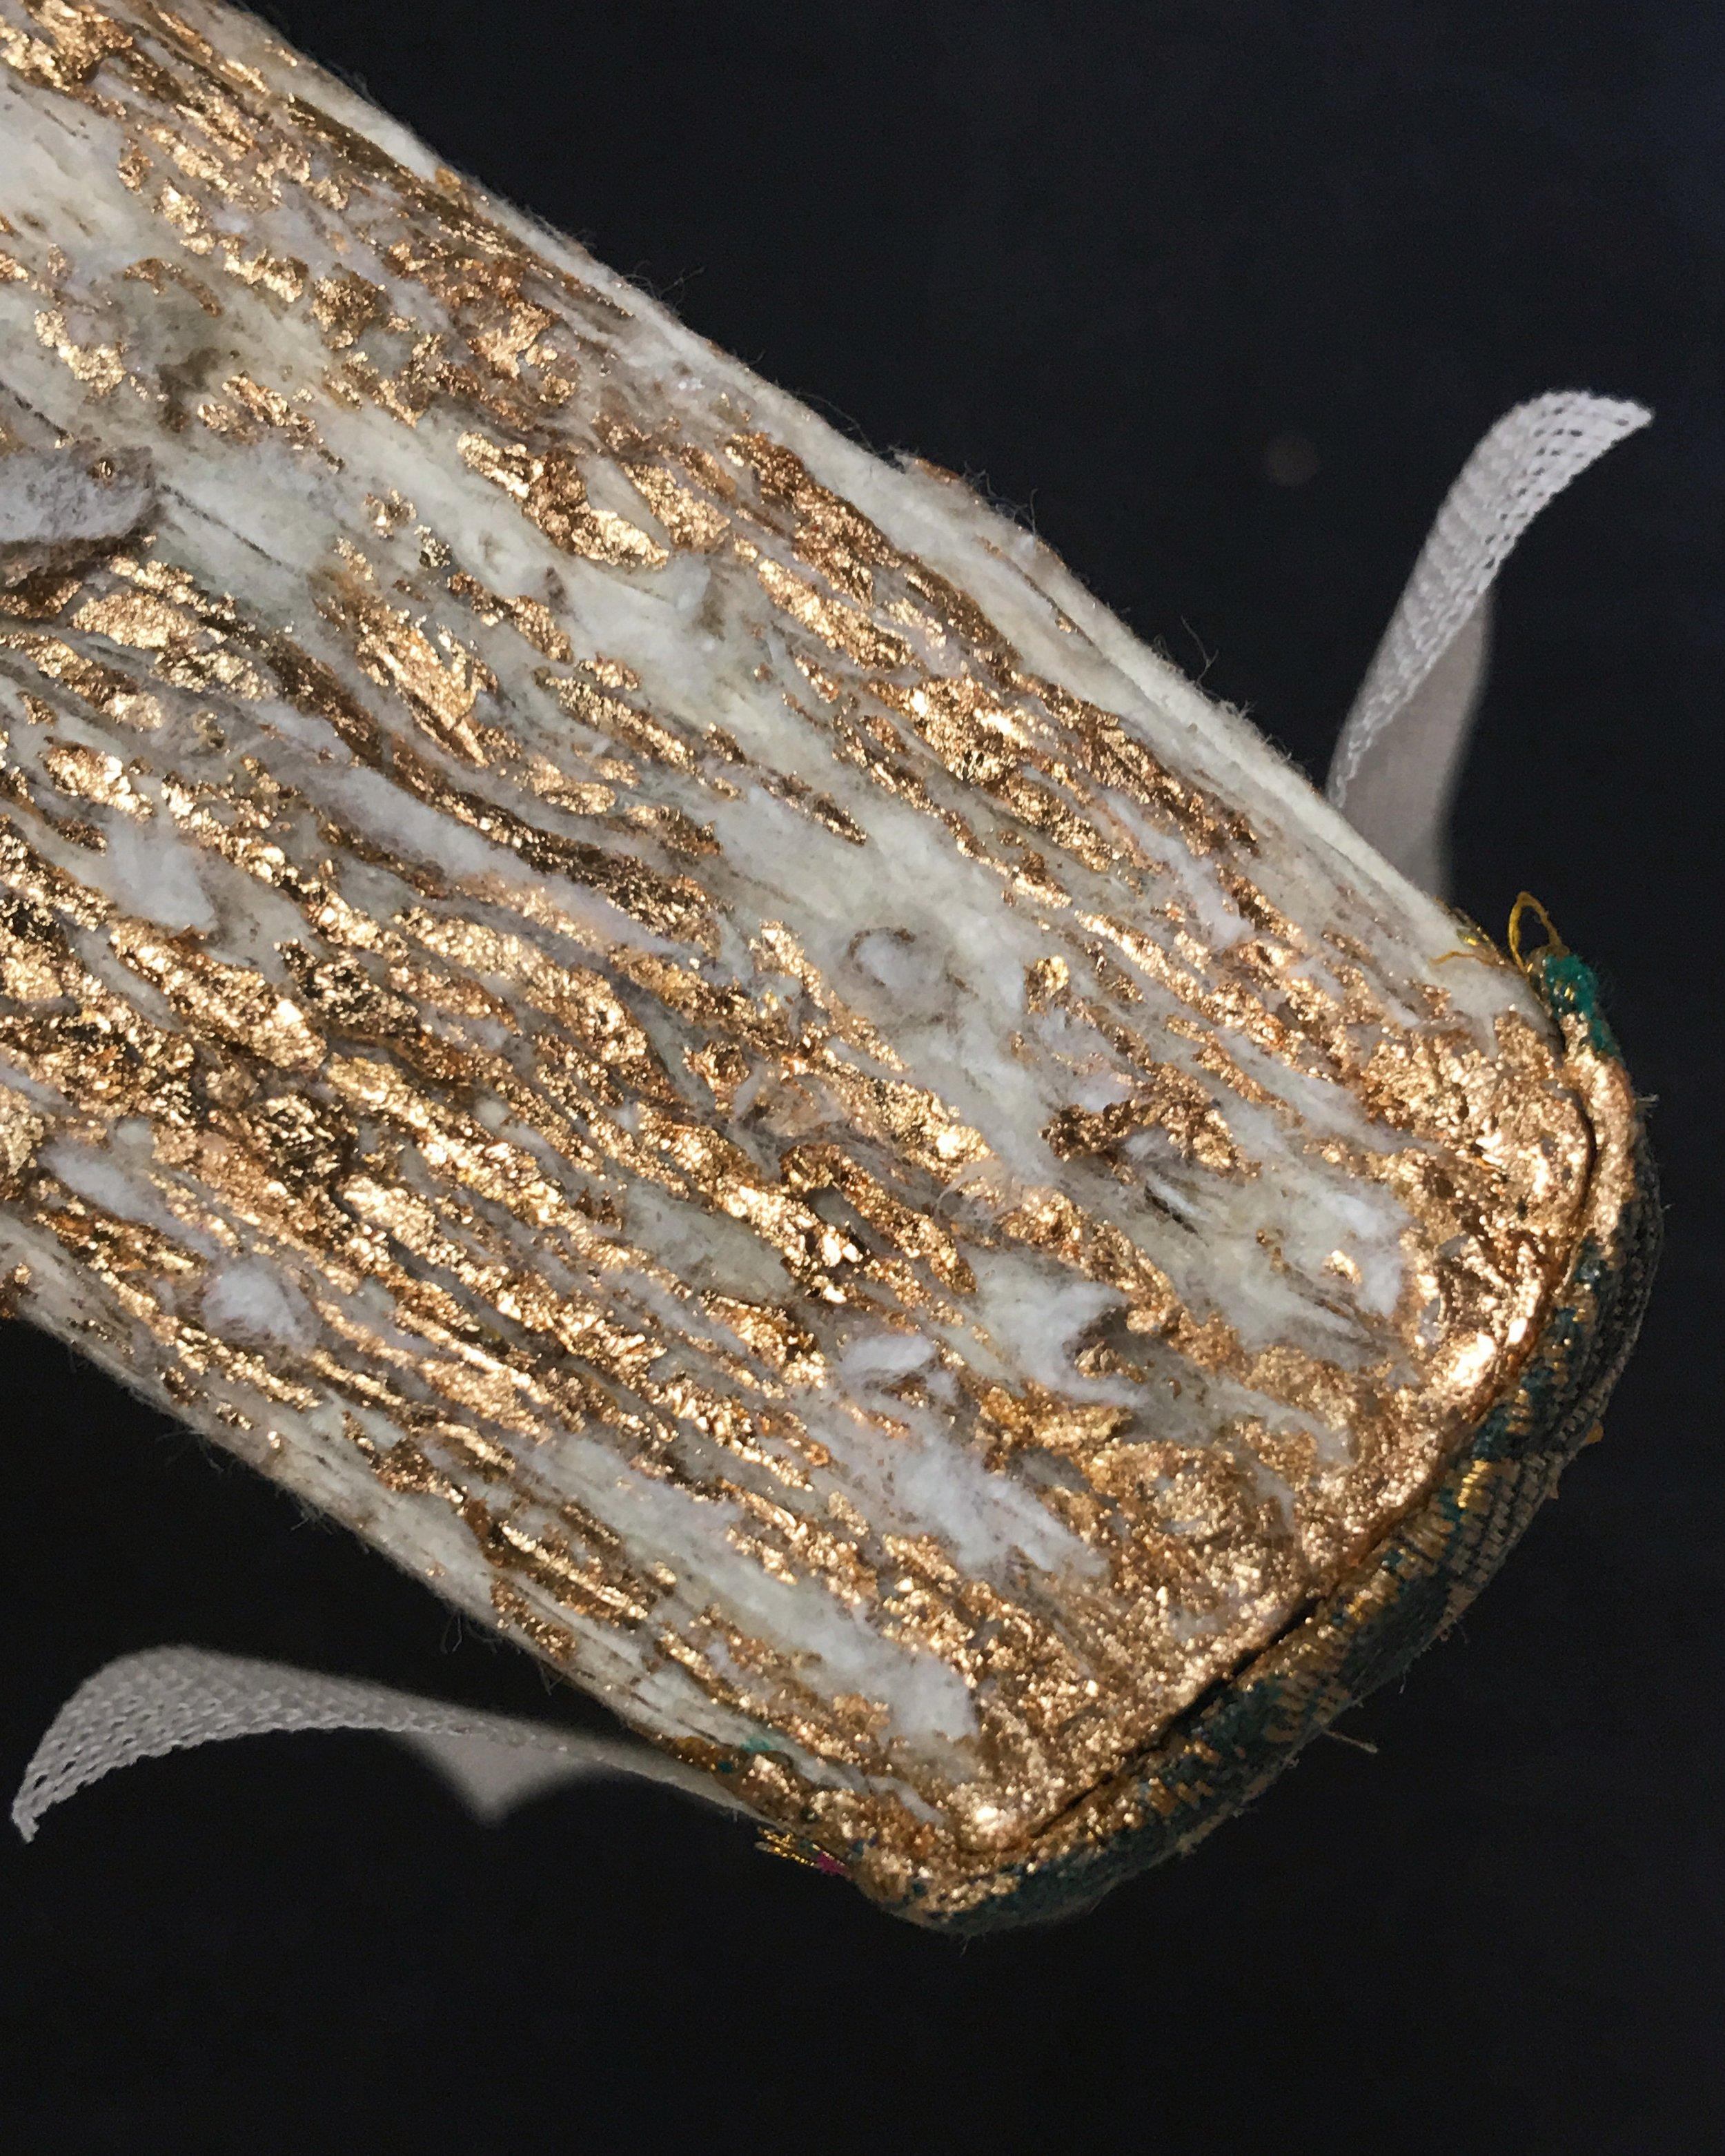 Gold leaf gilding on deckled edges wasn't easy